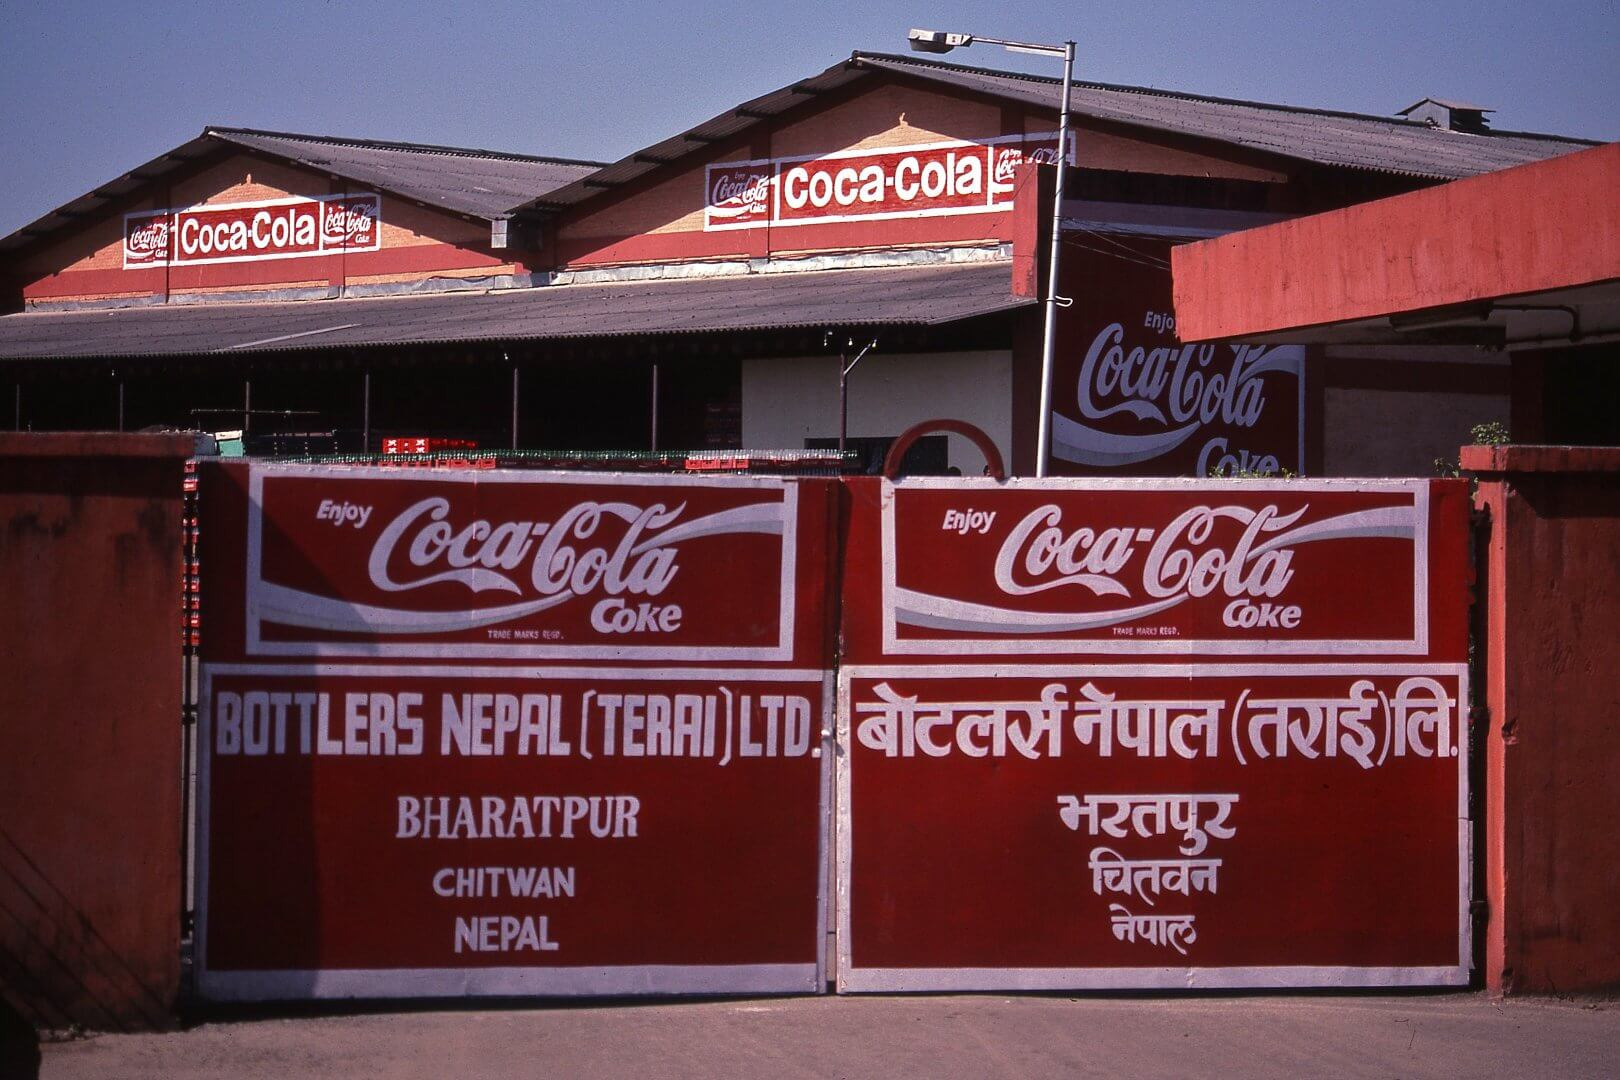 Coca Cola's building